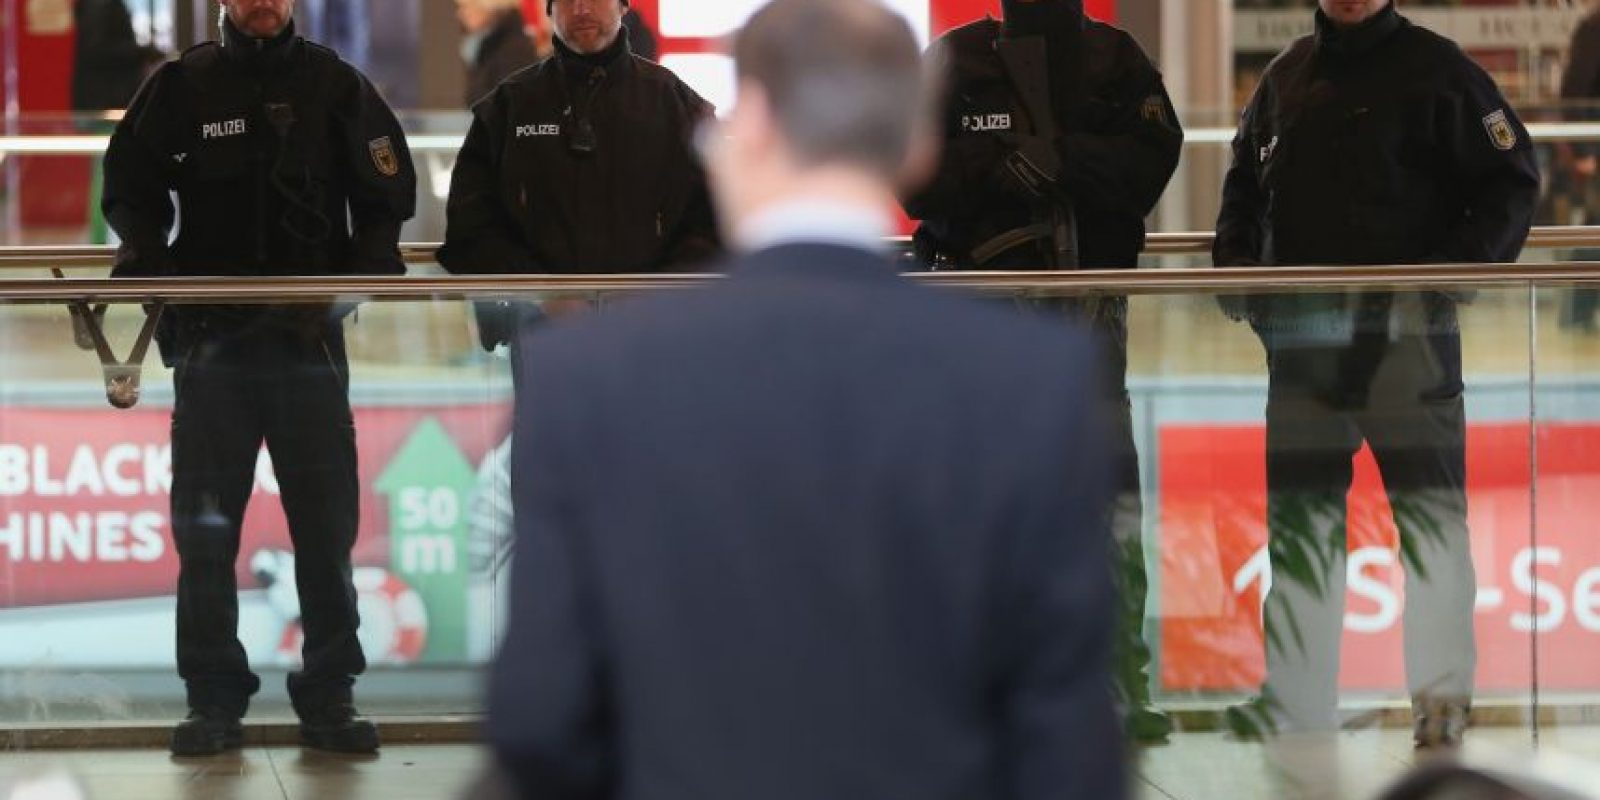 """""""Quince minutos después de que se abrieron las puertas tuvimos indicios concretos de que alguien quería detonar un explosivo ahí adentro"""", señaló Volker Kluwe, jefe de Policía de la capital de la Baja Sajonia Foto:Getty Images"""